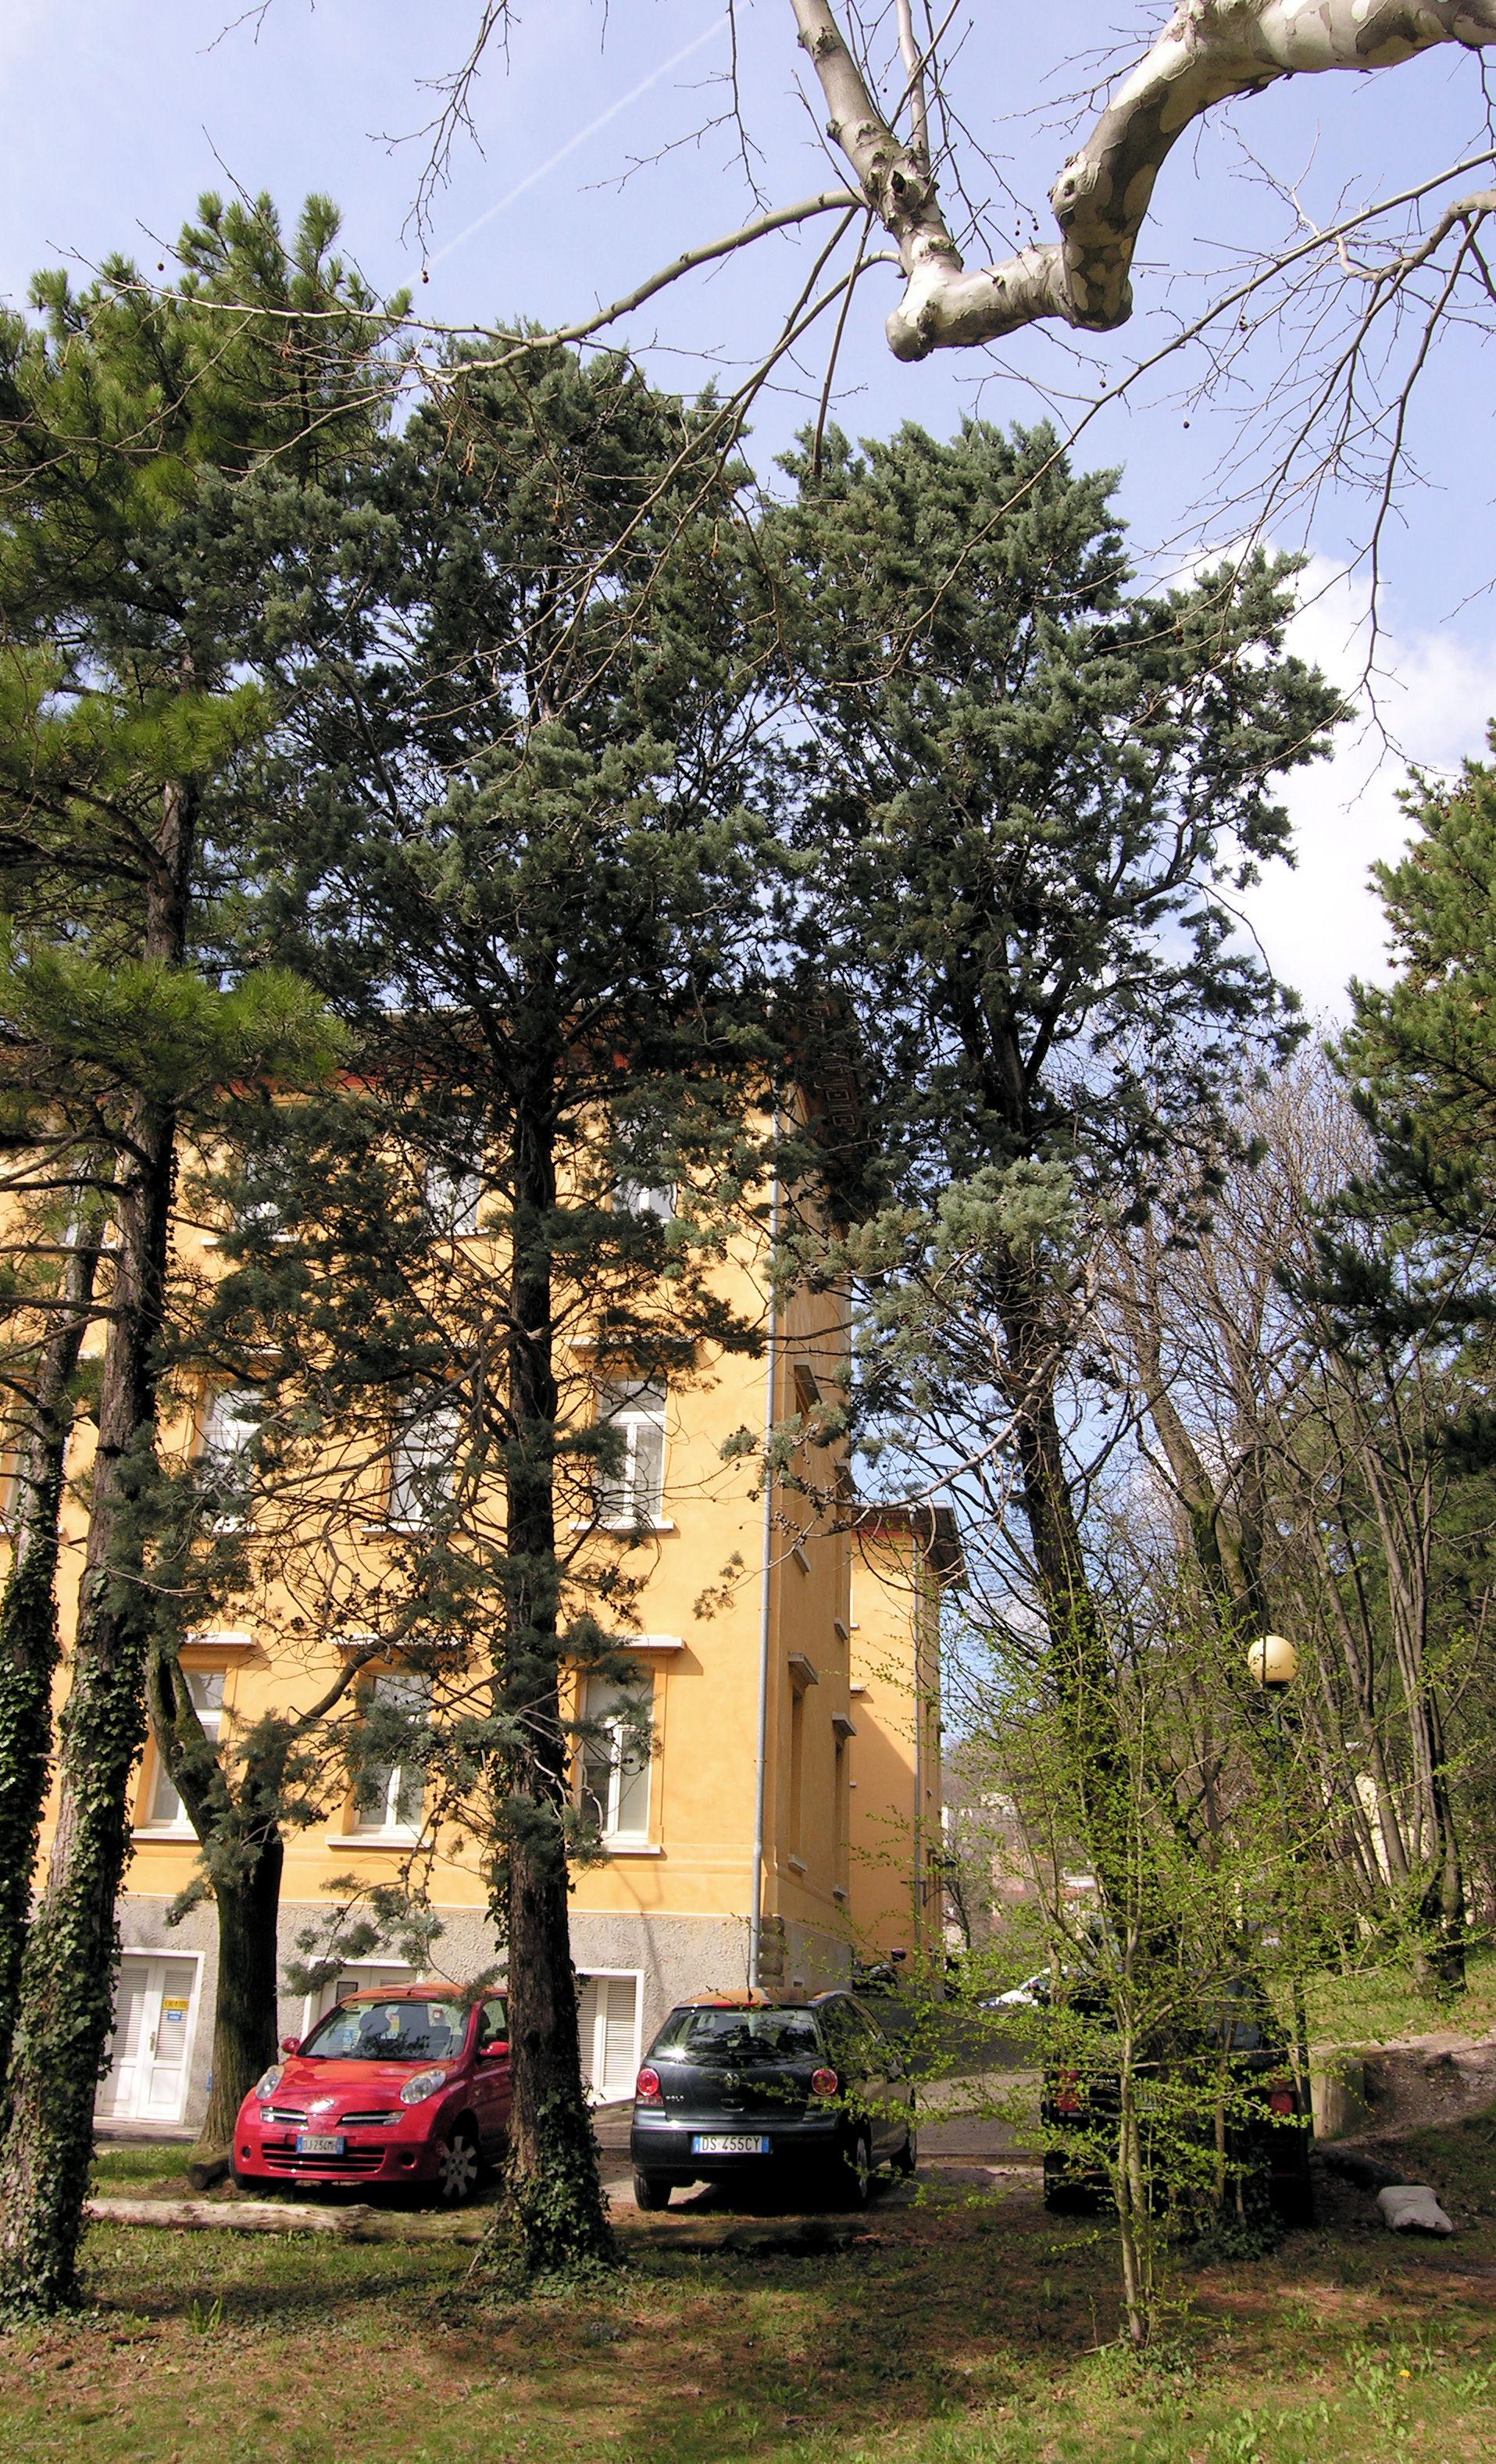 © Dipartimento di Scienze della Vita, Università degli Studi di Trieste<br>by Andrea Moro<br>Comune di Trieste, Parco di San Giovanni, TS, Friuli-Venezia Giulia, Italia, <br>Distributed under CC-BY-SA 4.0 license.